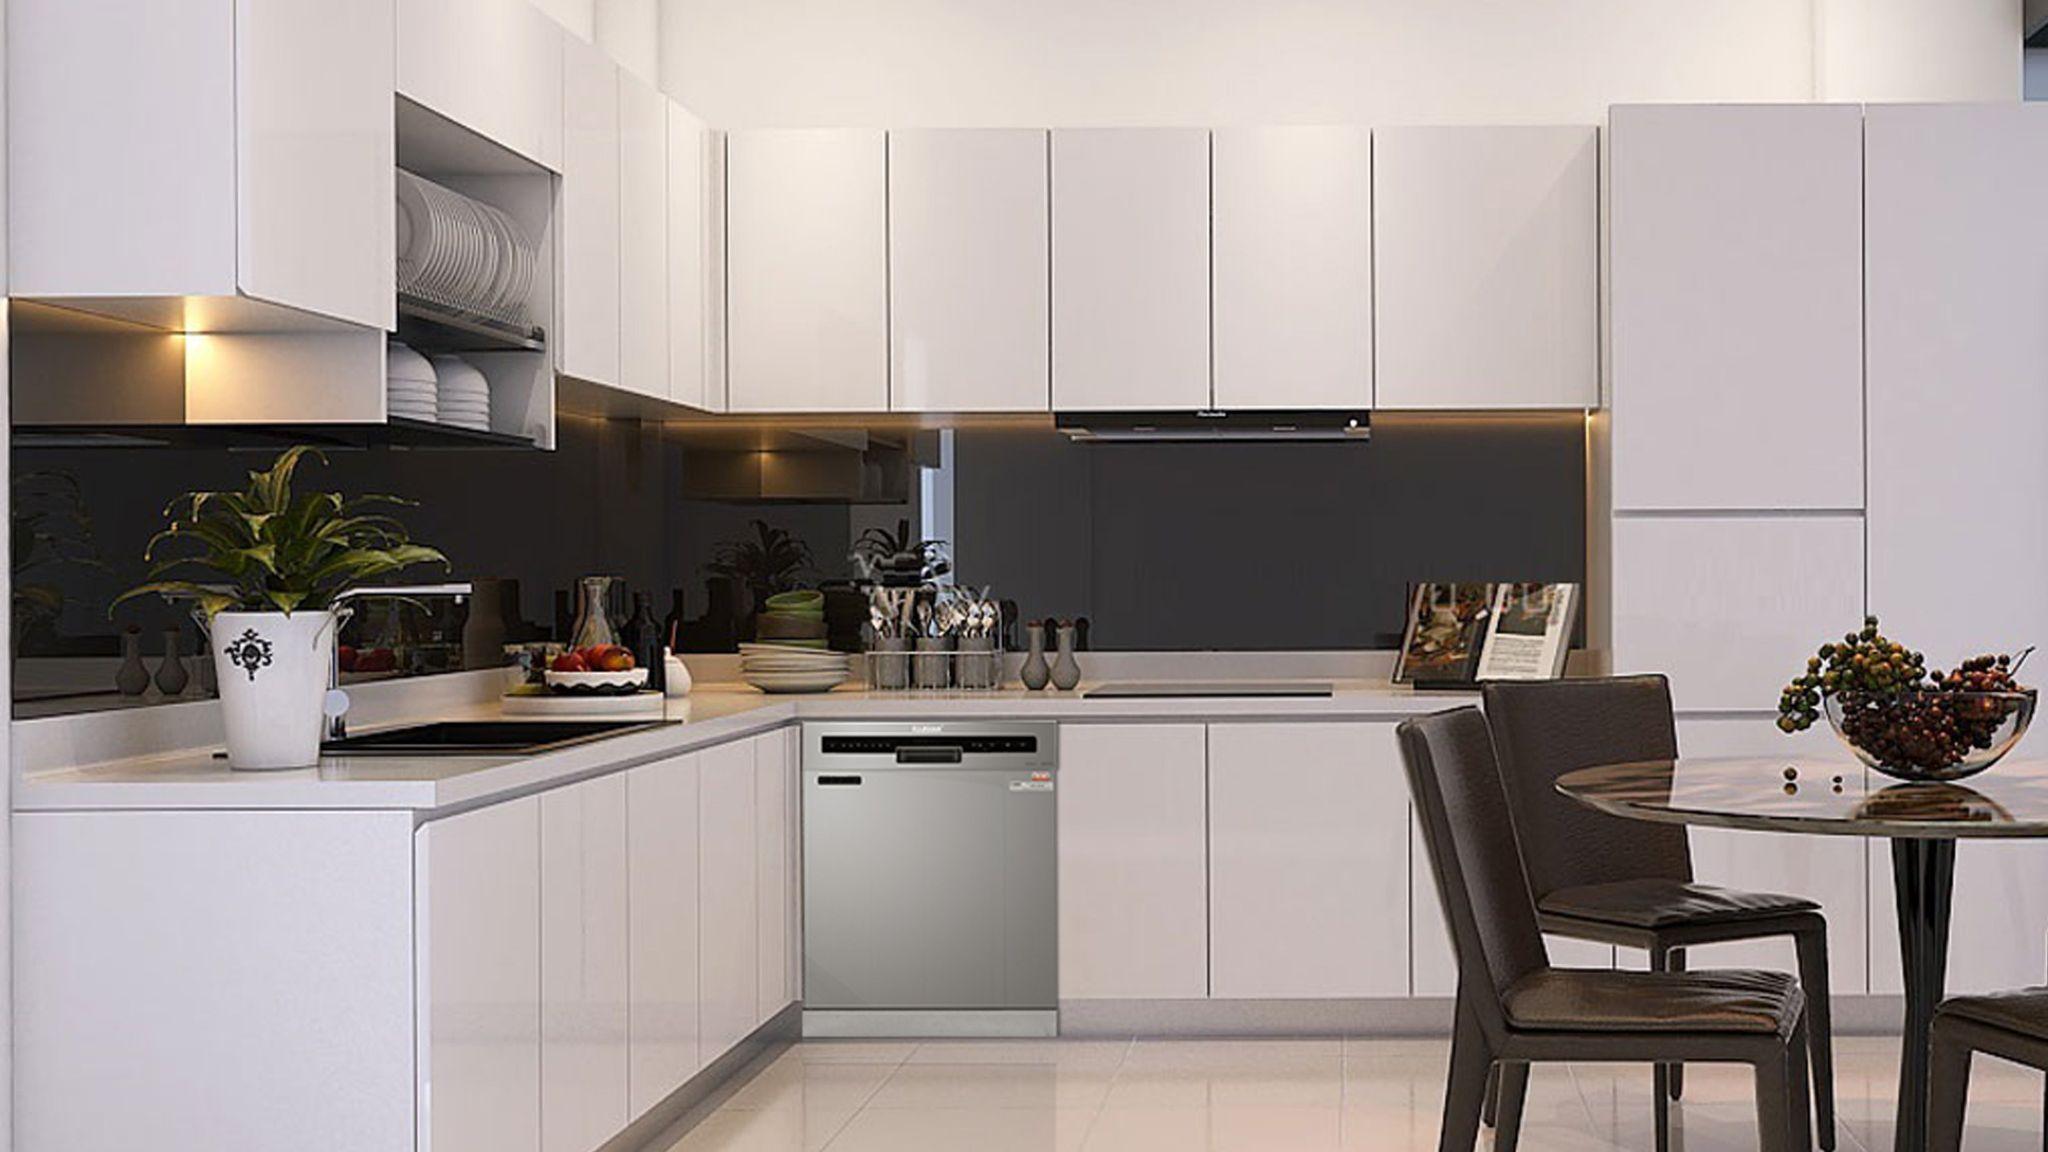 Thiết kế sản phẩm ảnh hưởng đến giá trị thẩm mỹ trong căn bếp gia gia đình